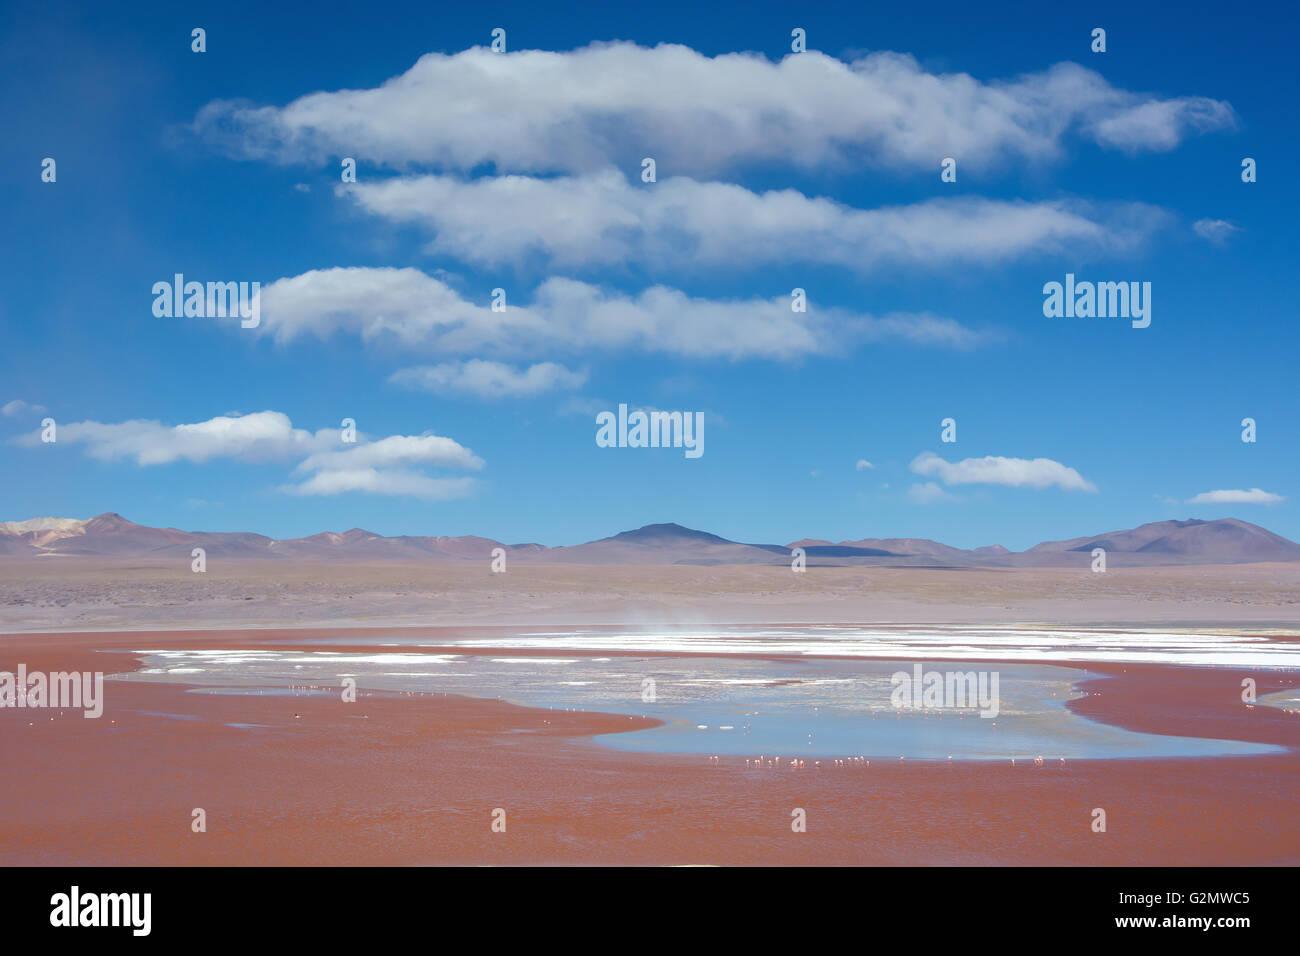 La laguna colorada avec de l'eau rouge dû à haut contenu d'algues à Uyuni, lipez, Bolivie Photo Stock